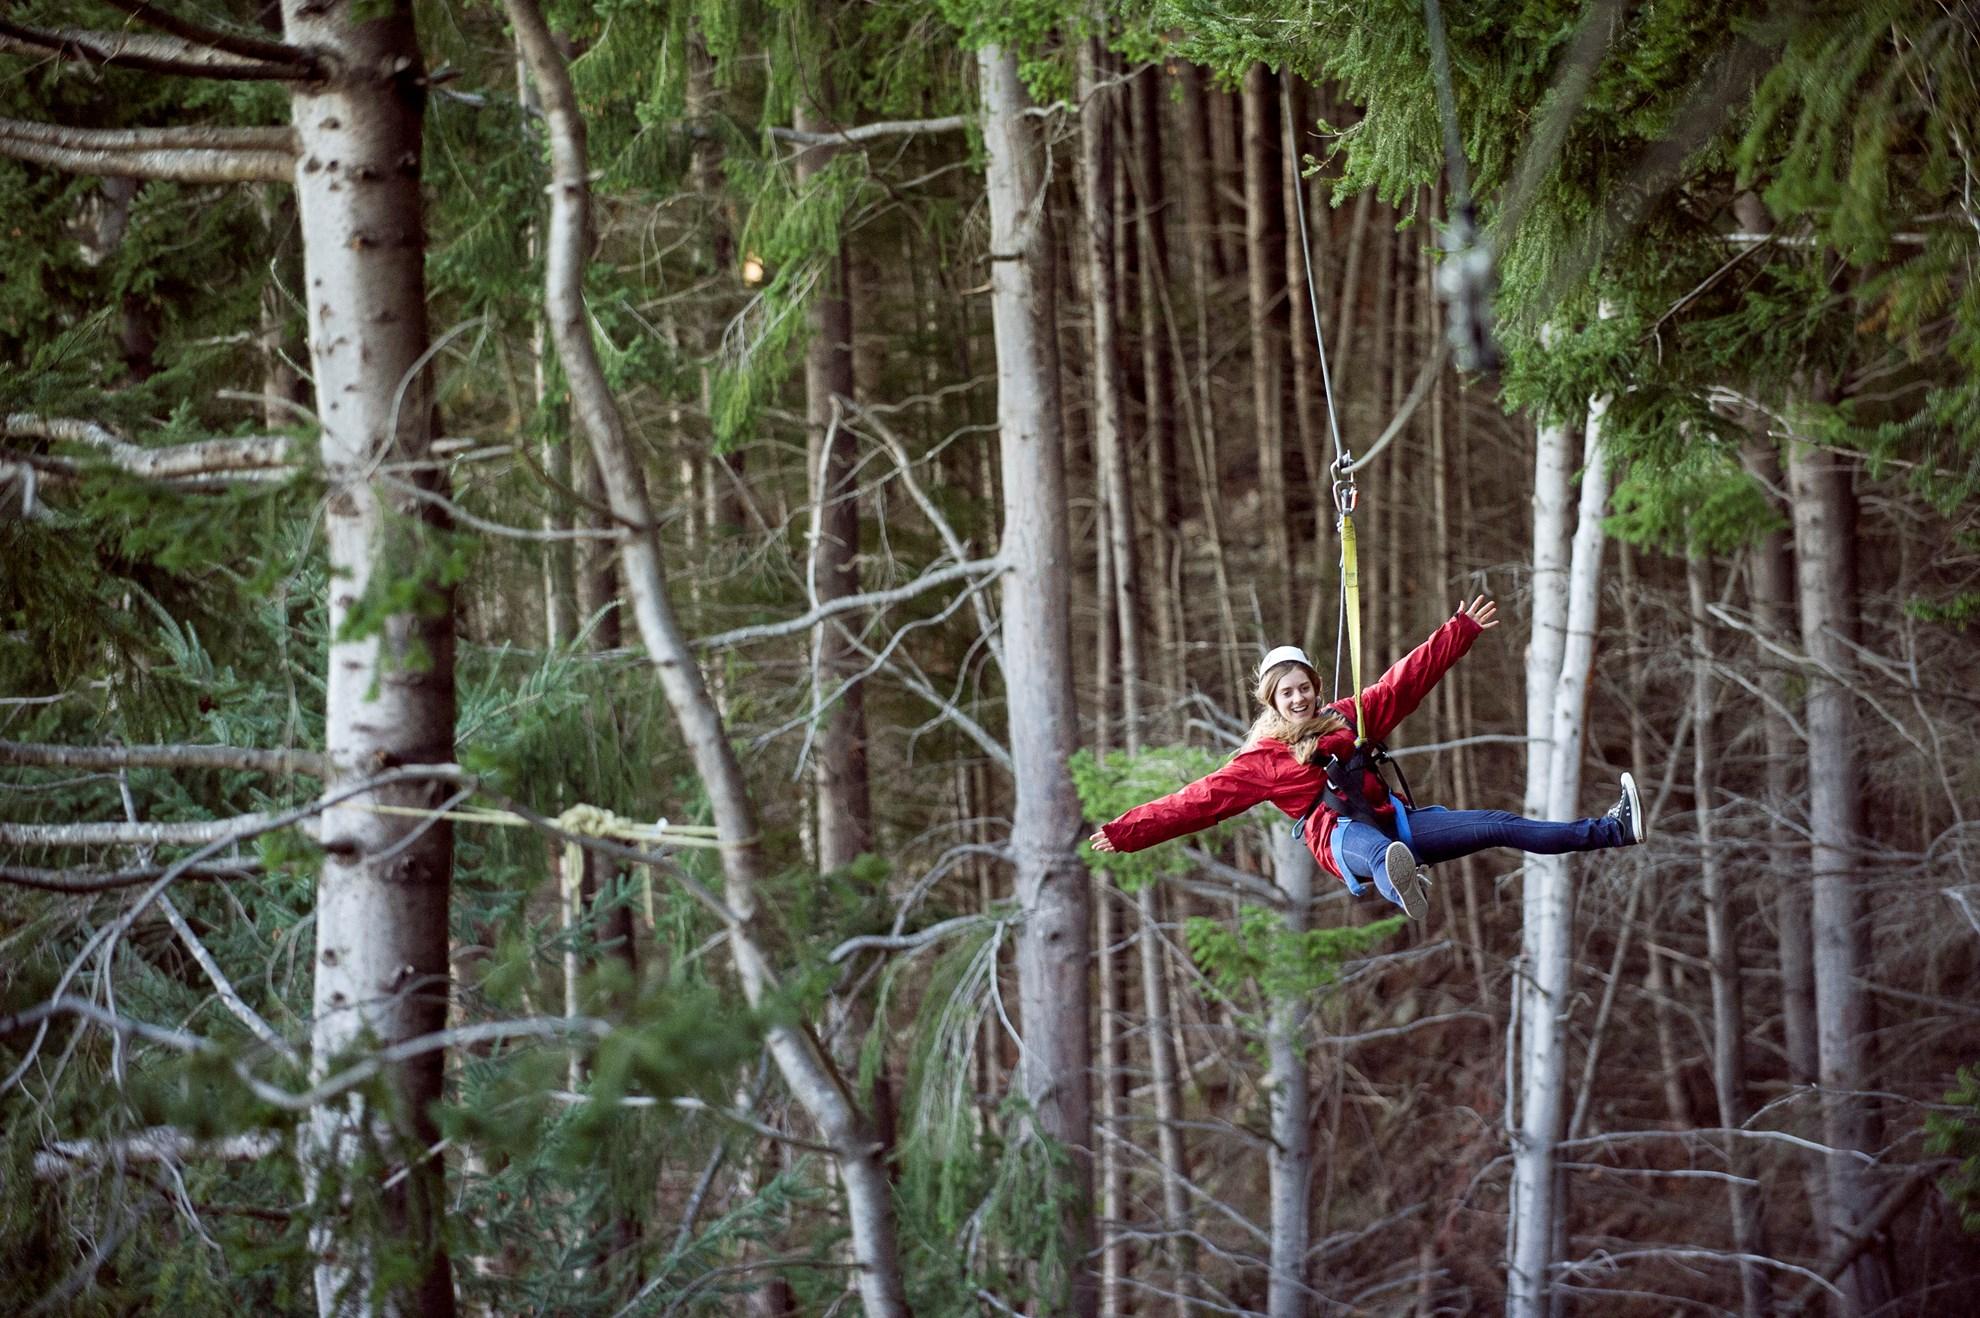 Trượt Zipline ở Queentown